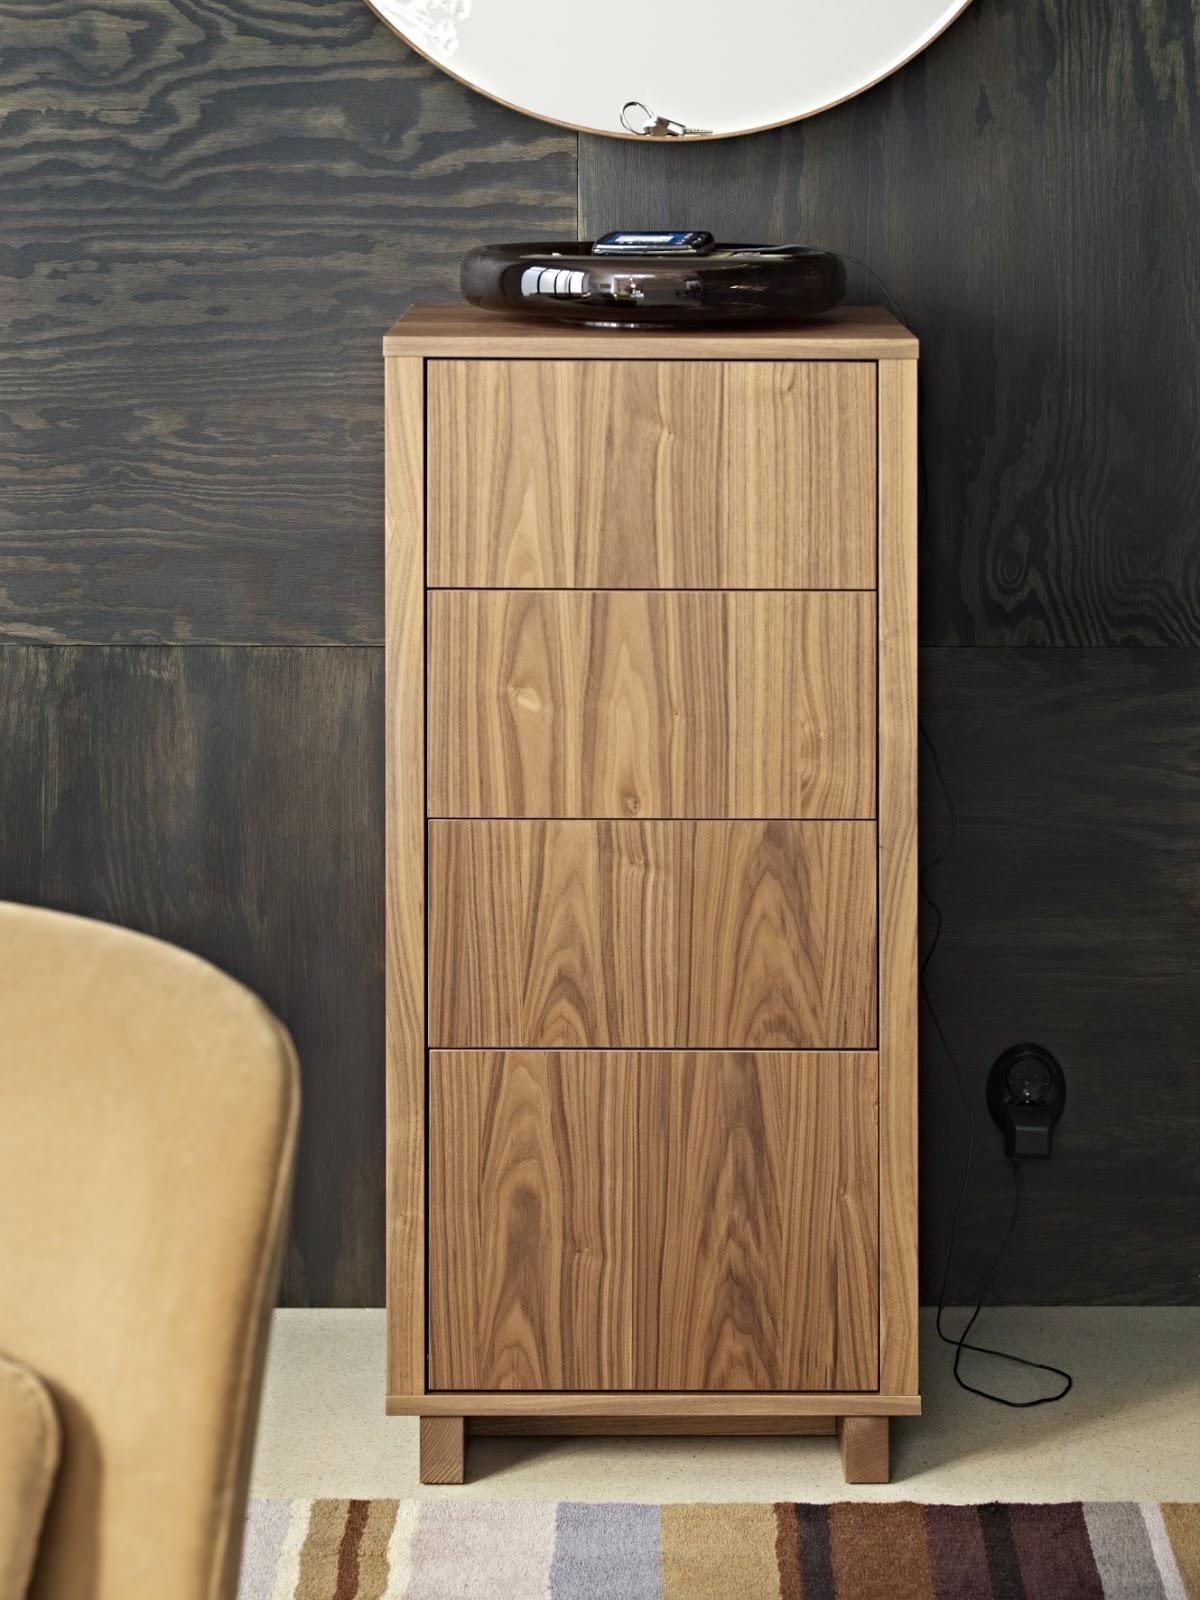 likidesign blogi. Black Bedroom Furniture Sets. Home Design Ideas